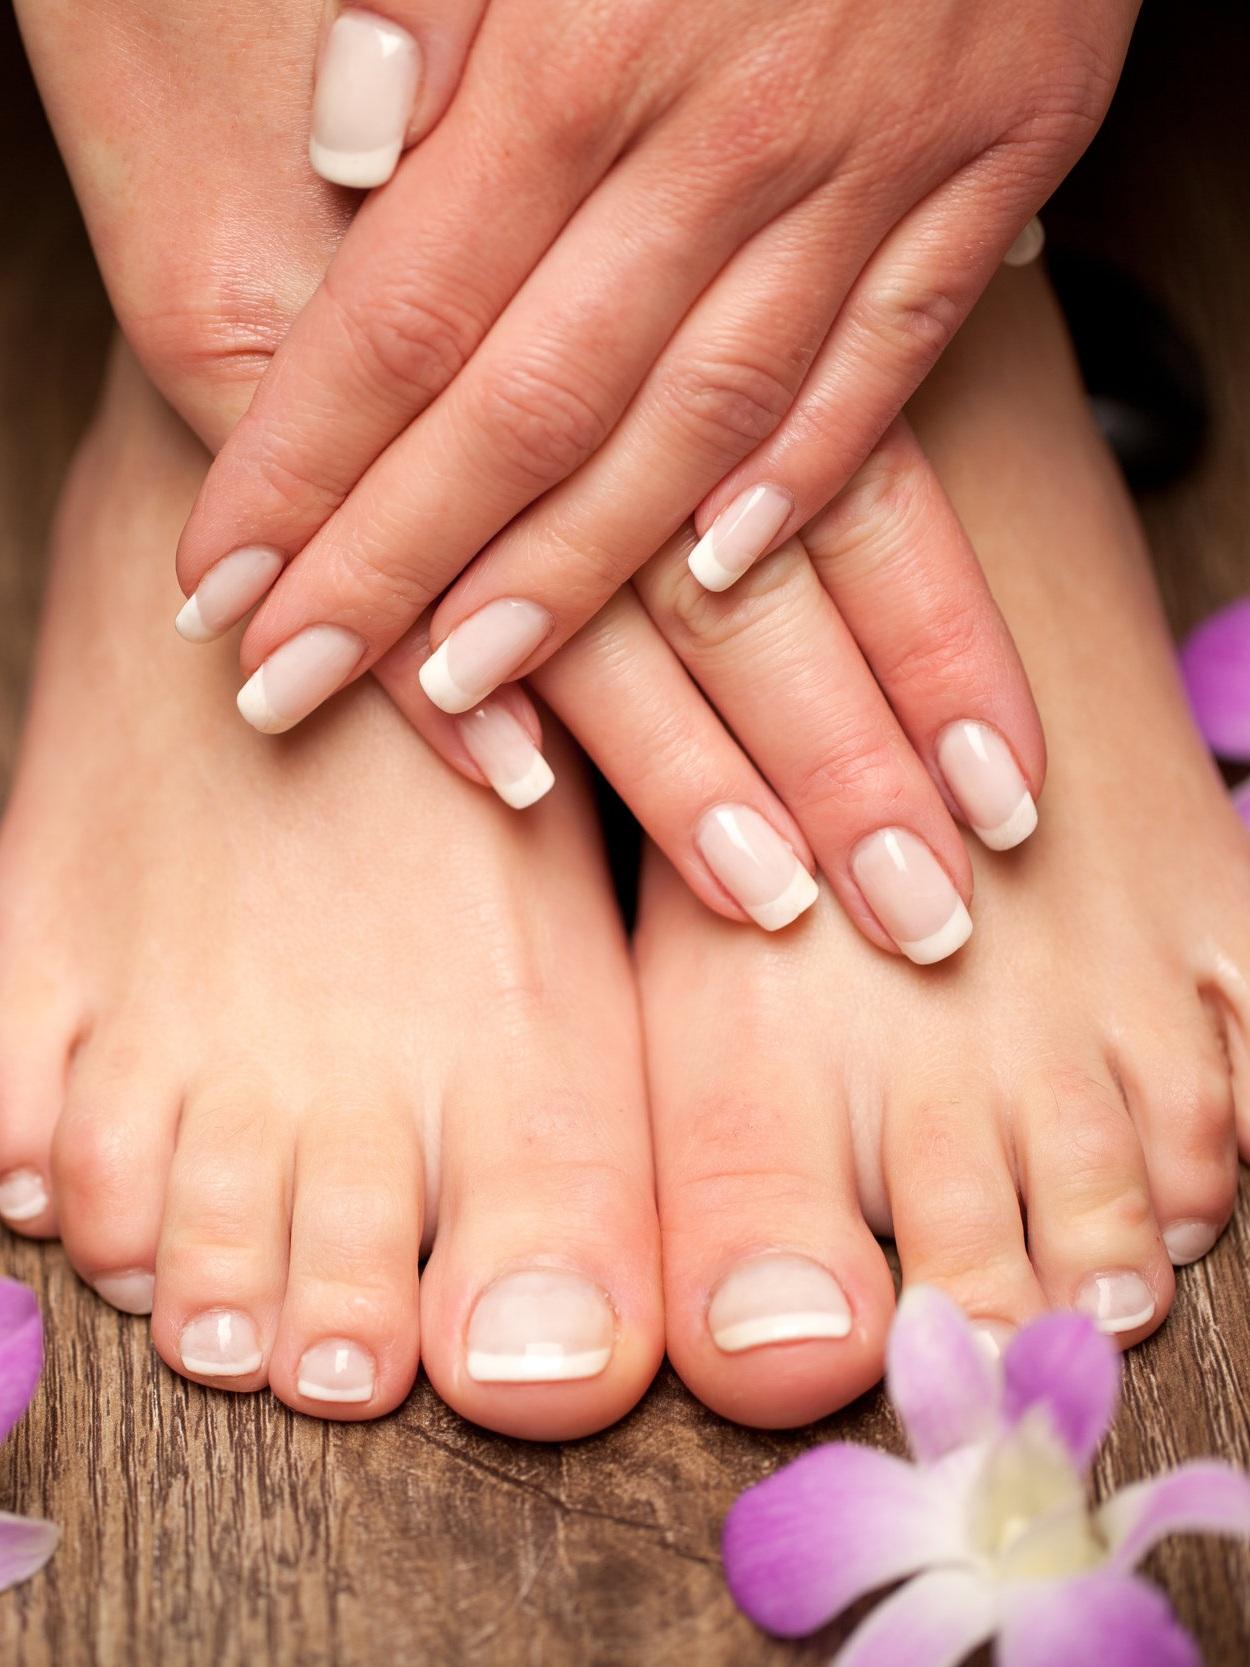 Manicure & Pedicure -